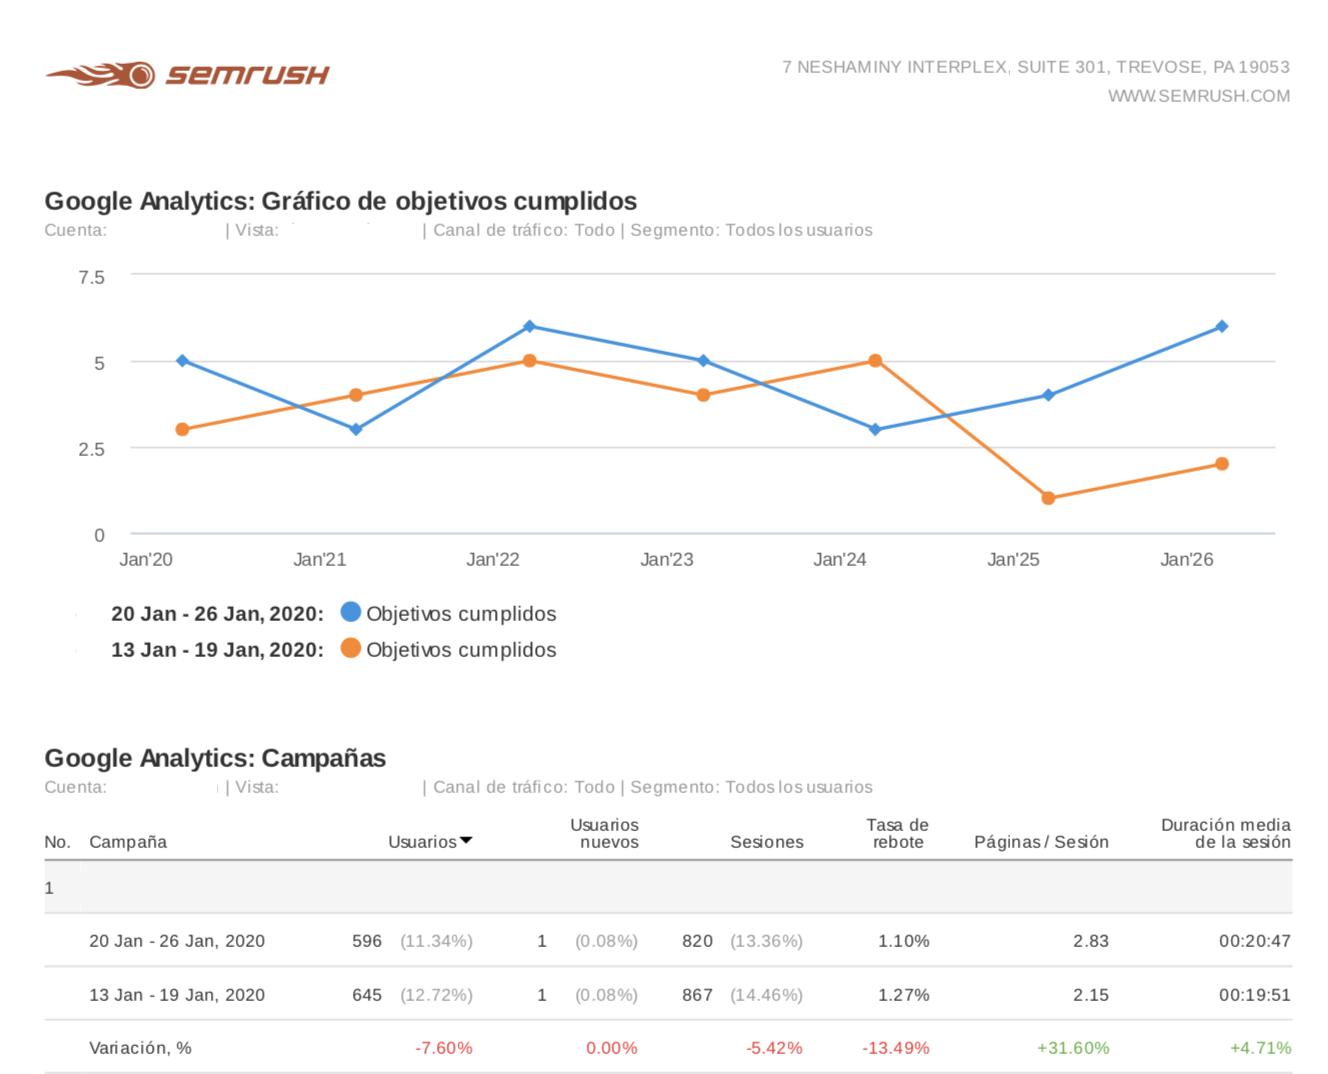 Informes de marketing - Gráficos de objetivos de Google Analytics